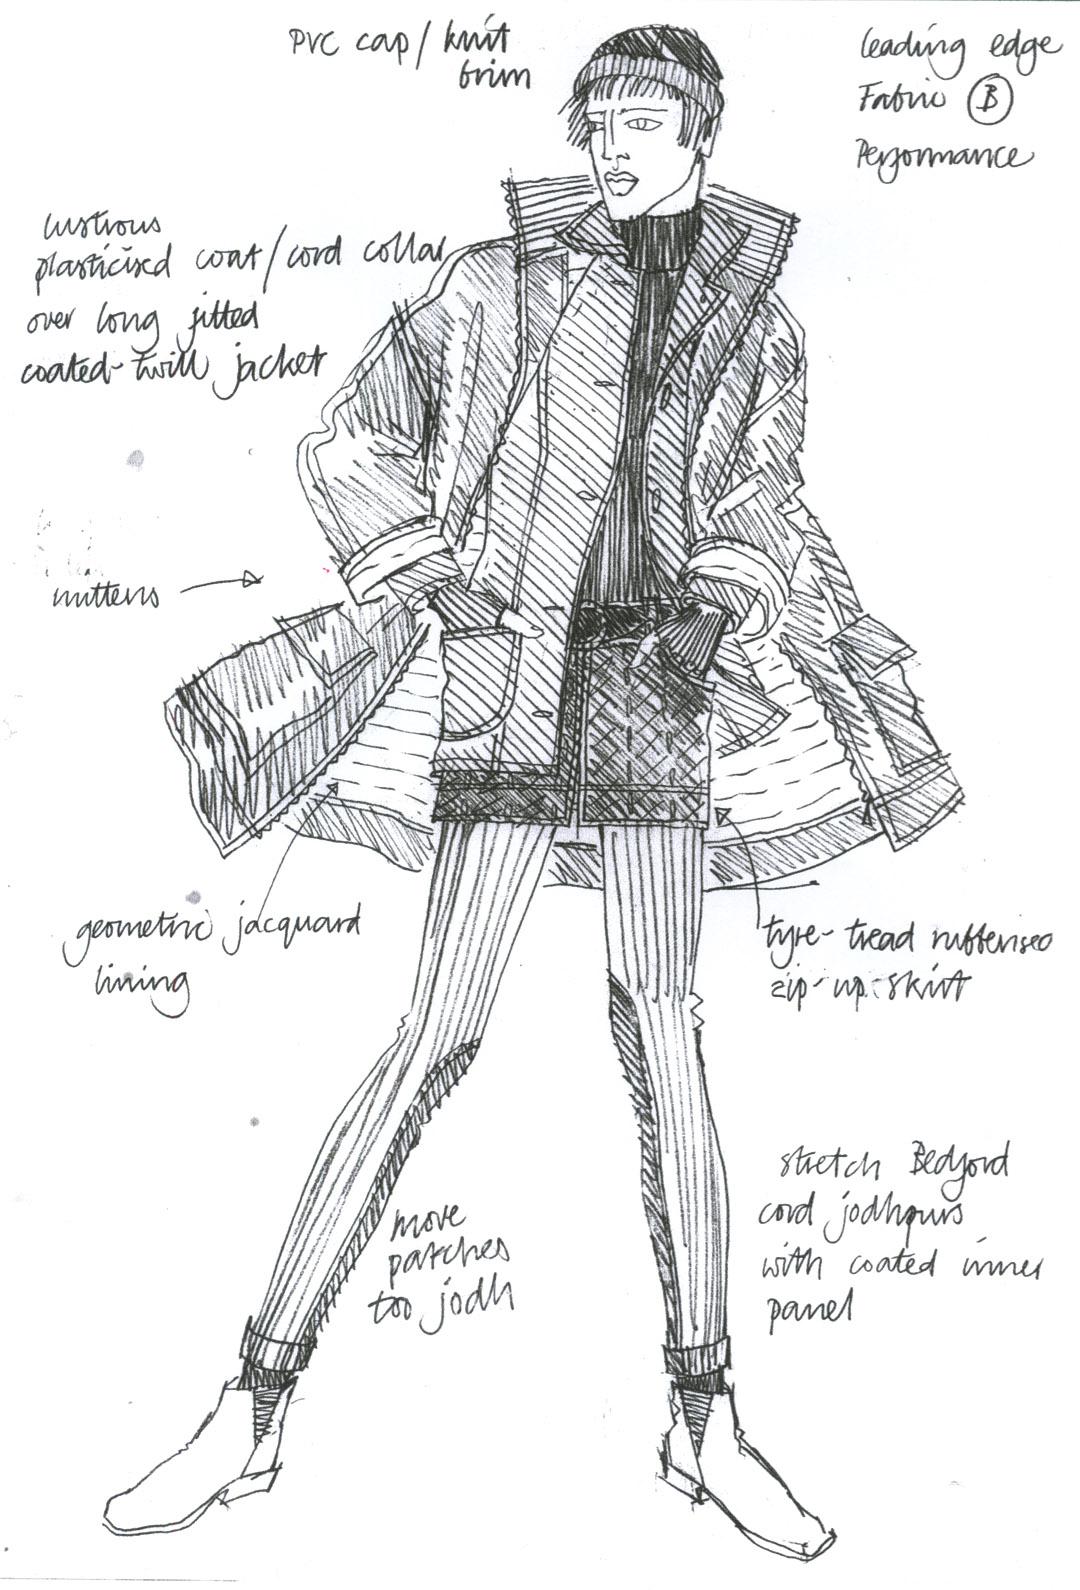 henri drawing 2a.jpg